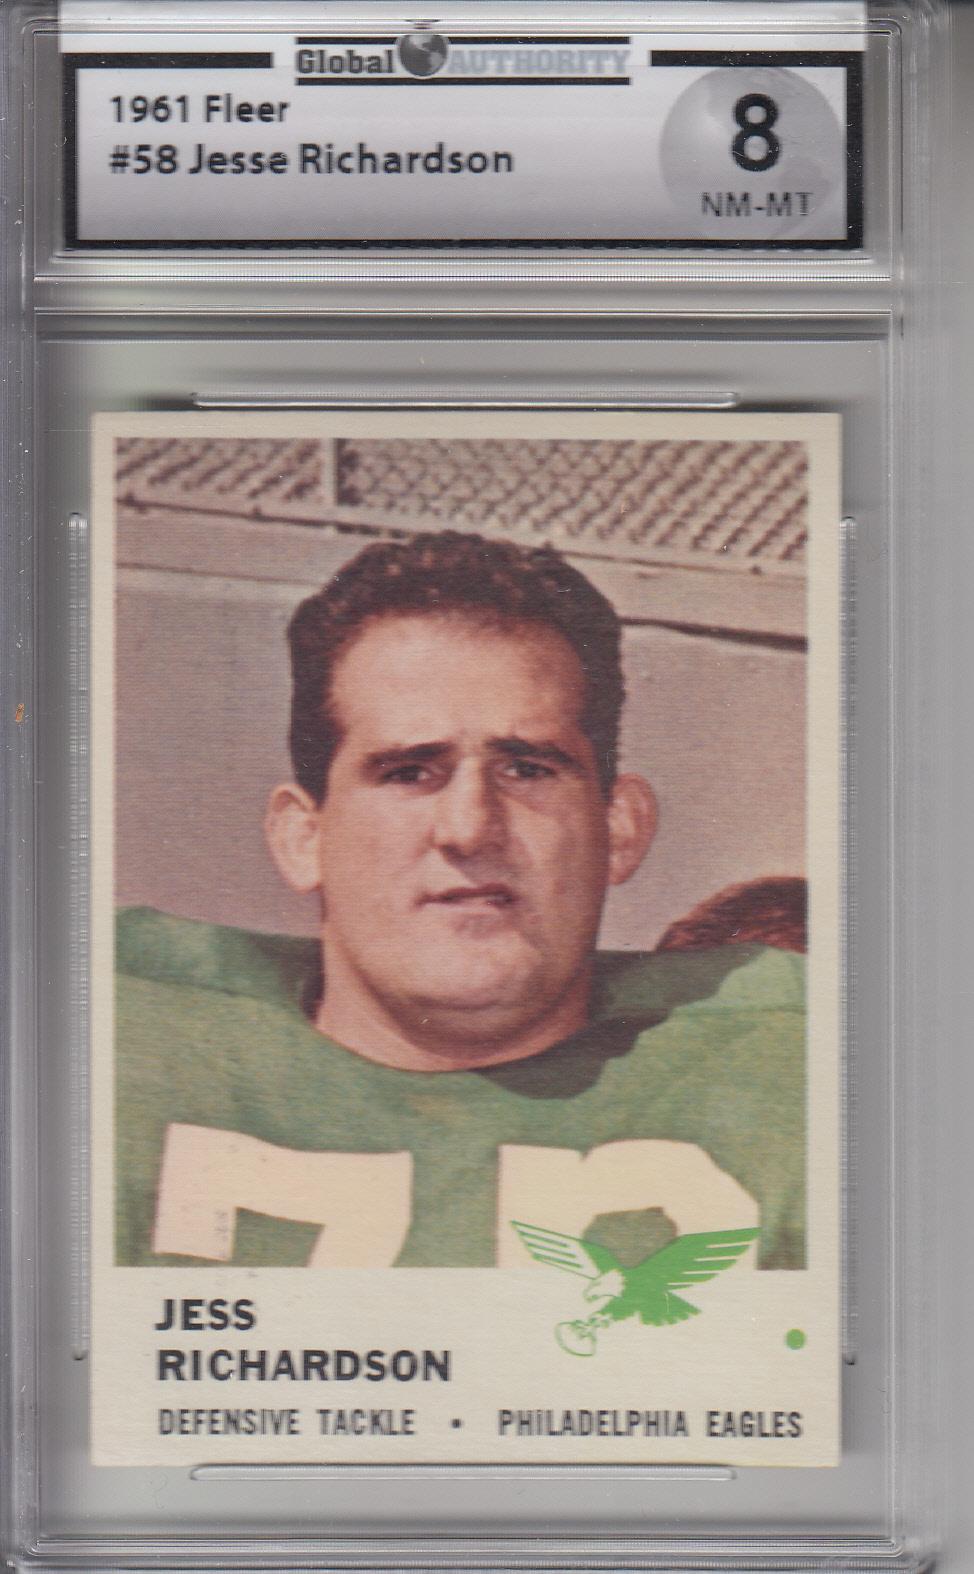 1961 Fleer #58 Jesse Richardson EAGLES GAI 8 NM-MT Z20235